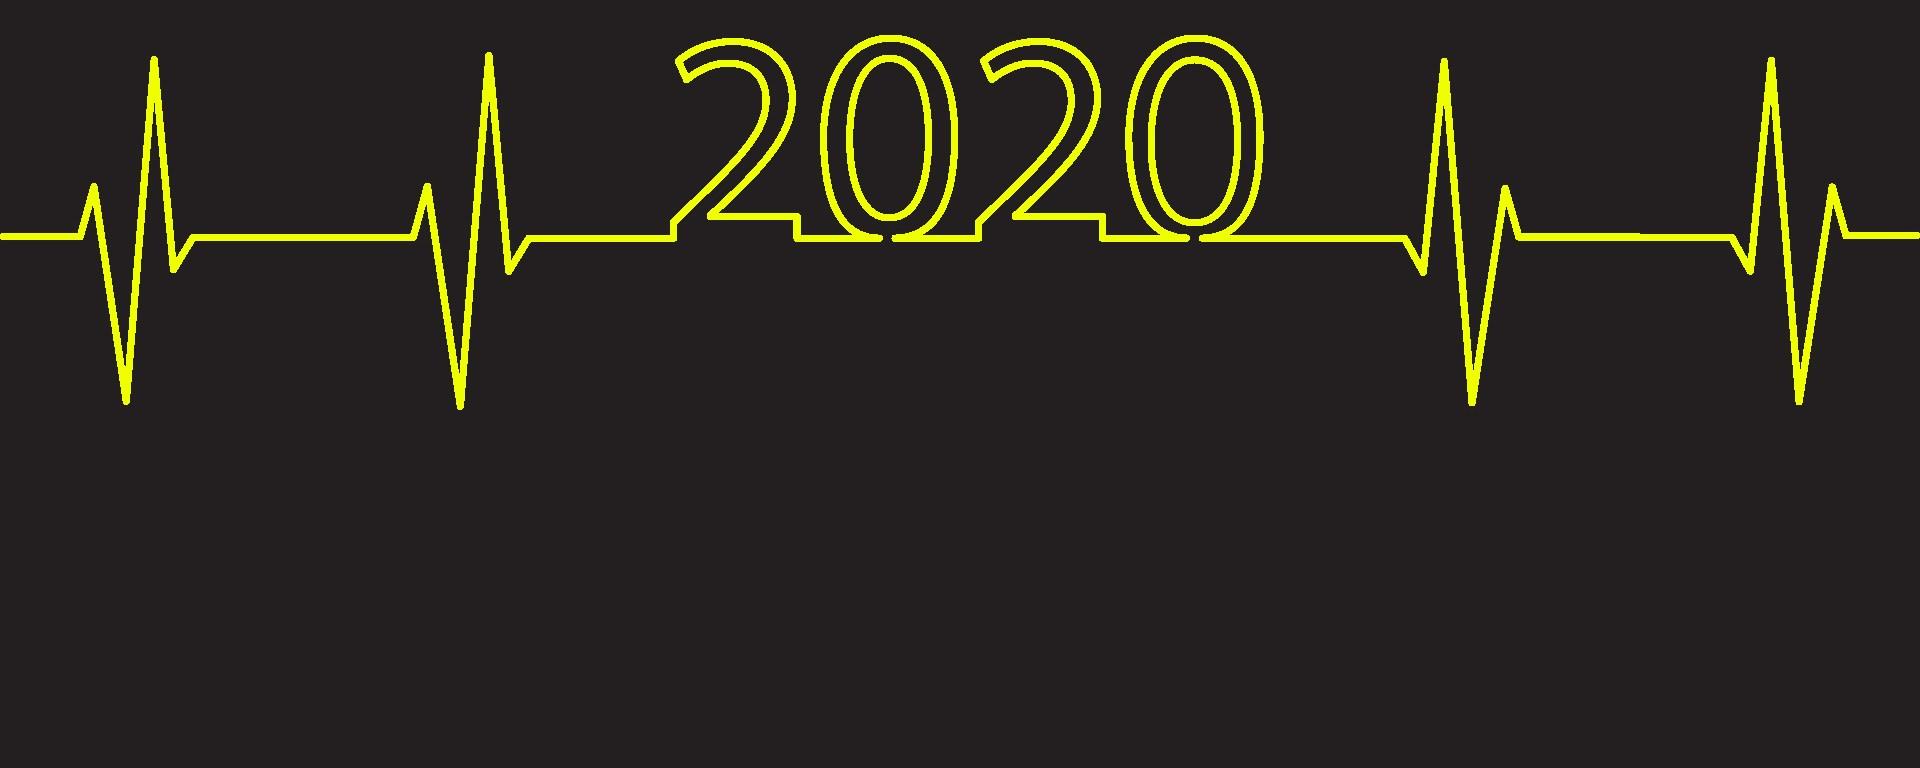 bsn in 2020